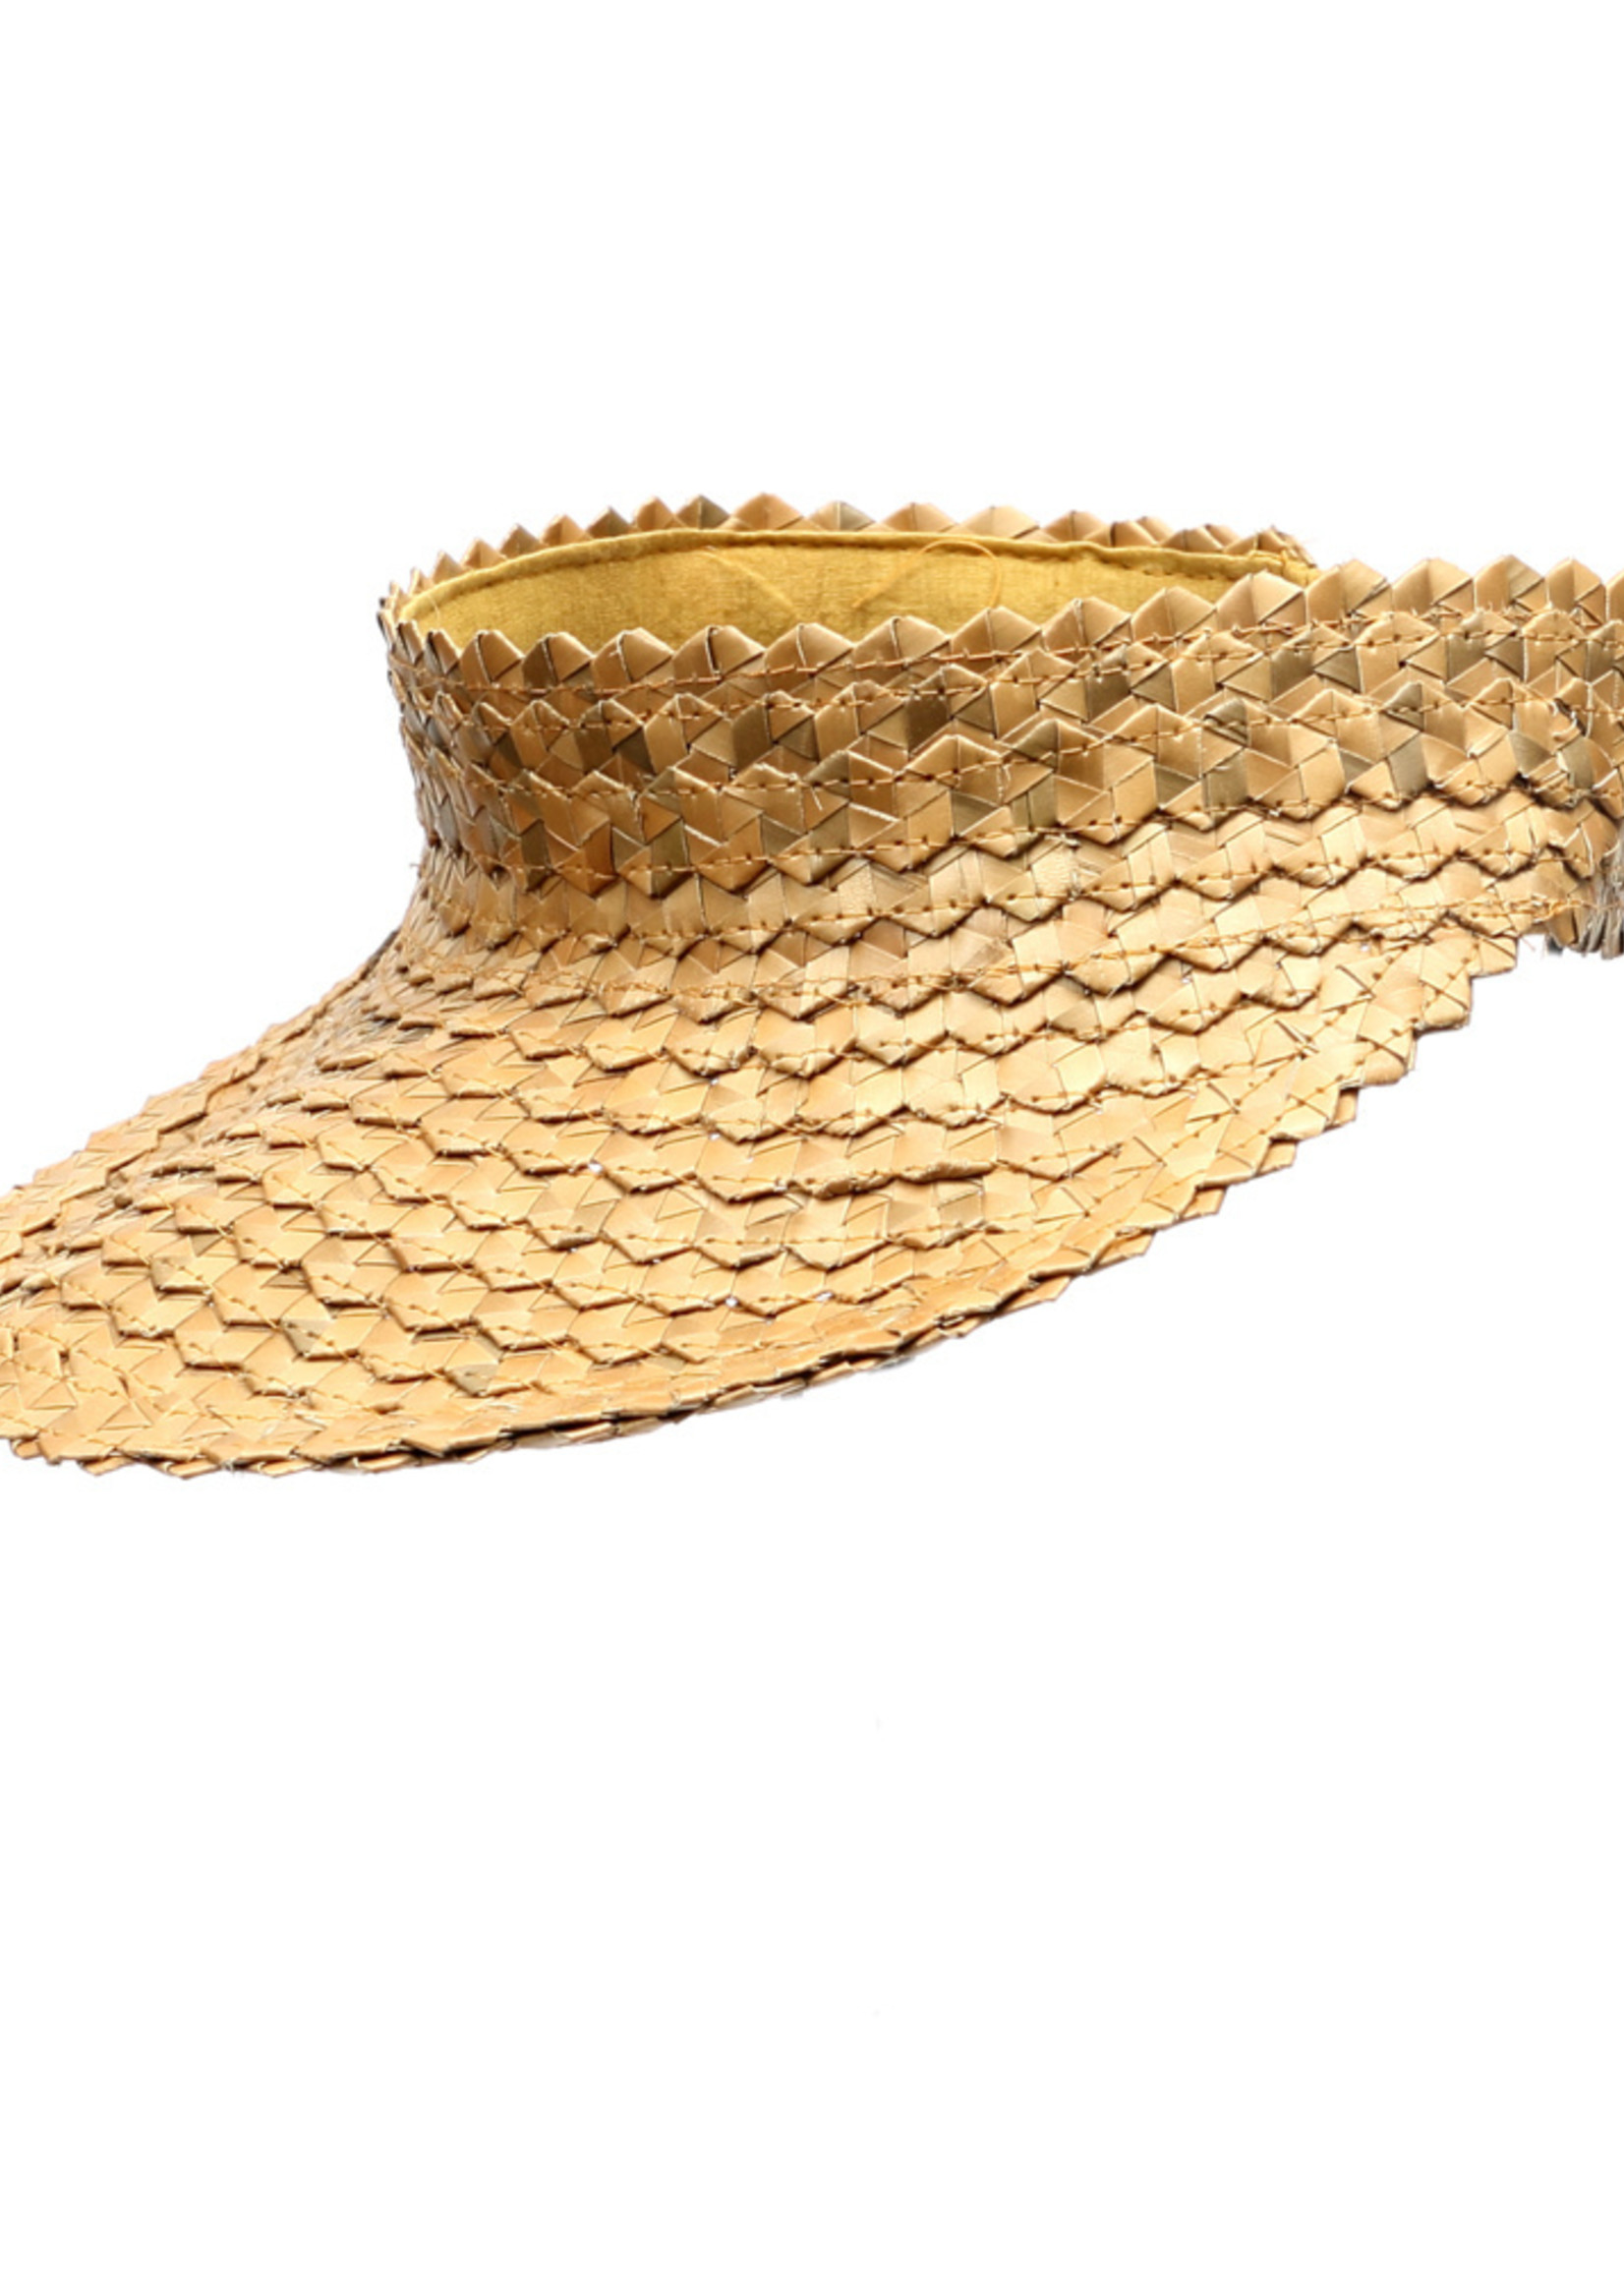 The Sunshade - Natural